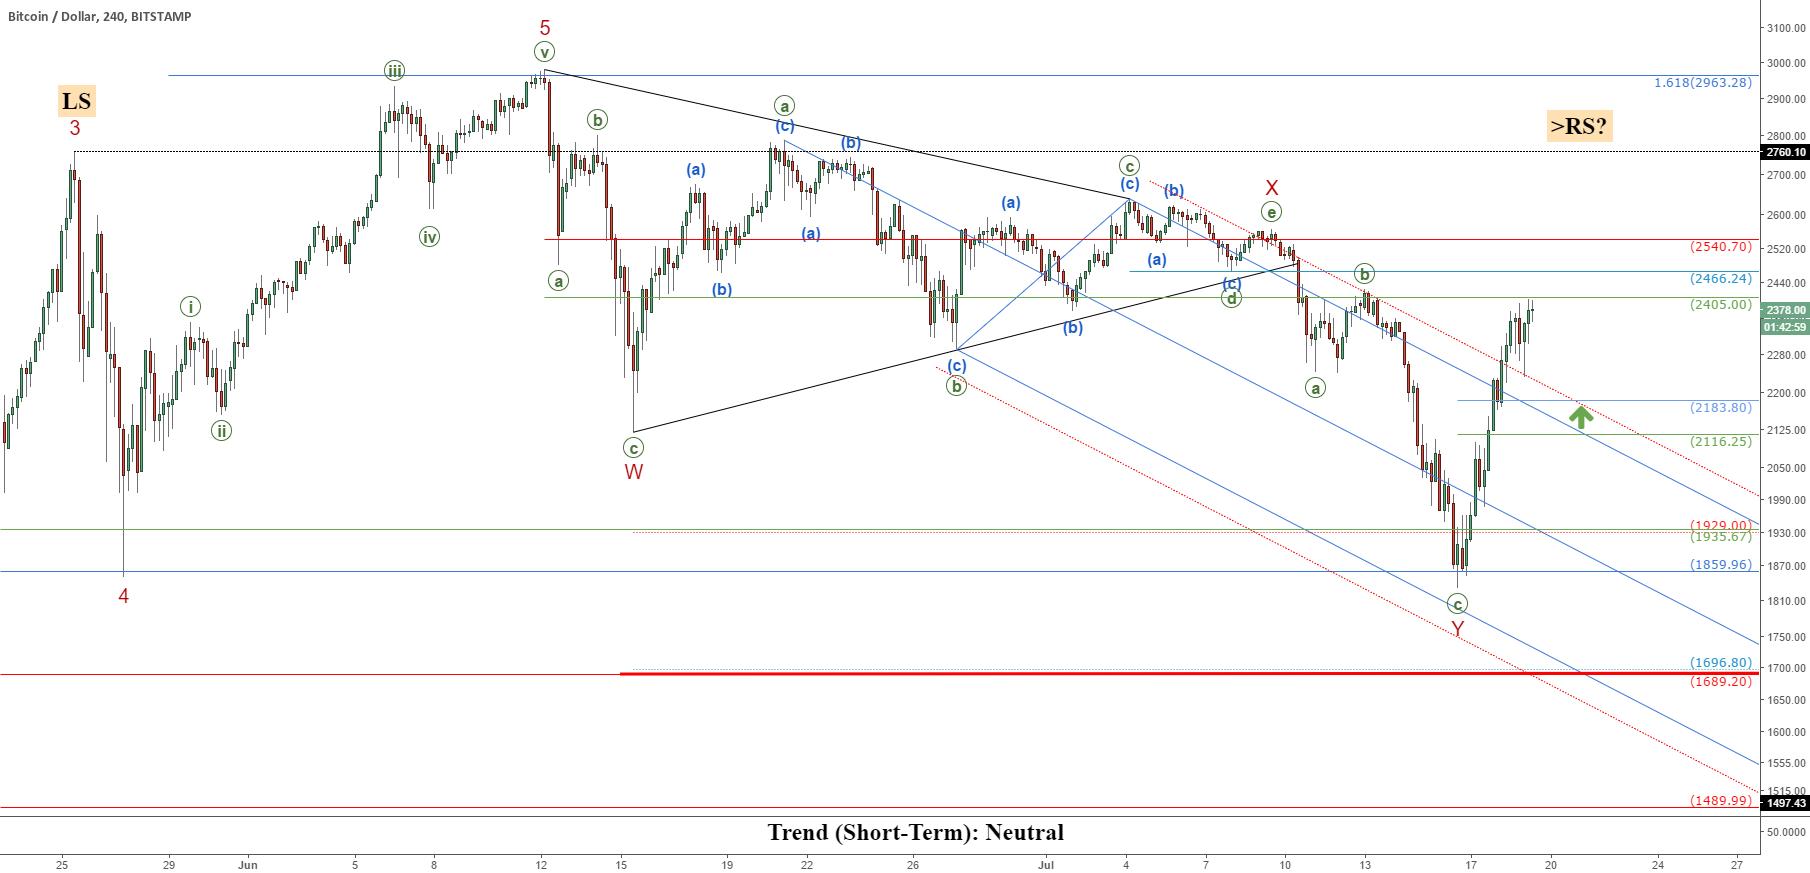 Bitcoin (BTCUSD): Return Of The Bull?